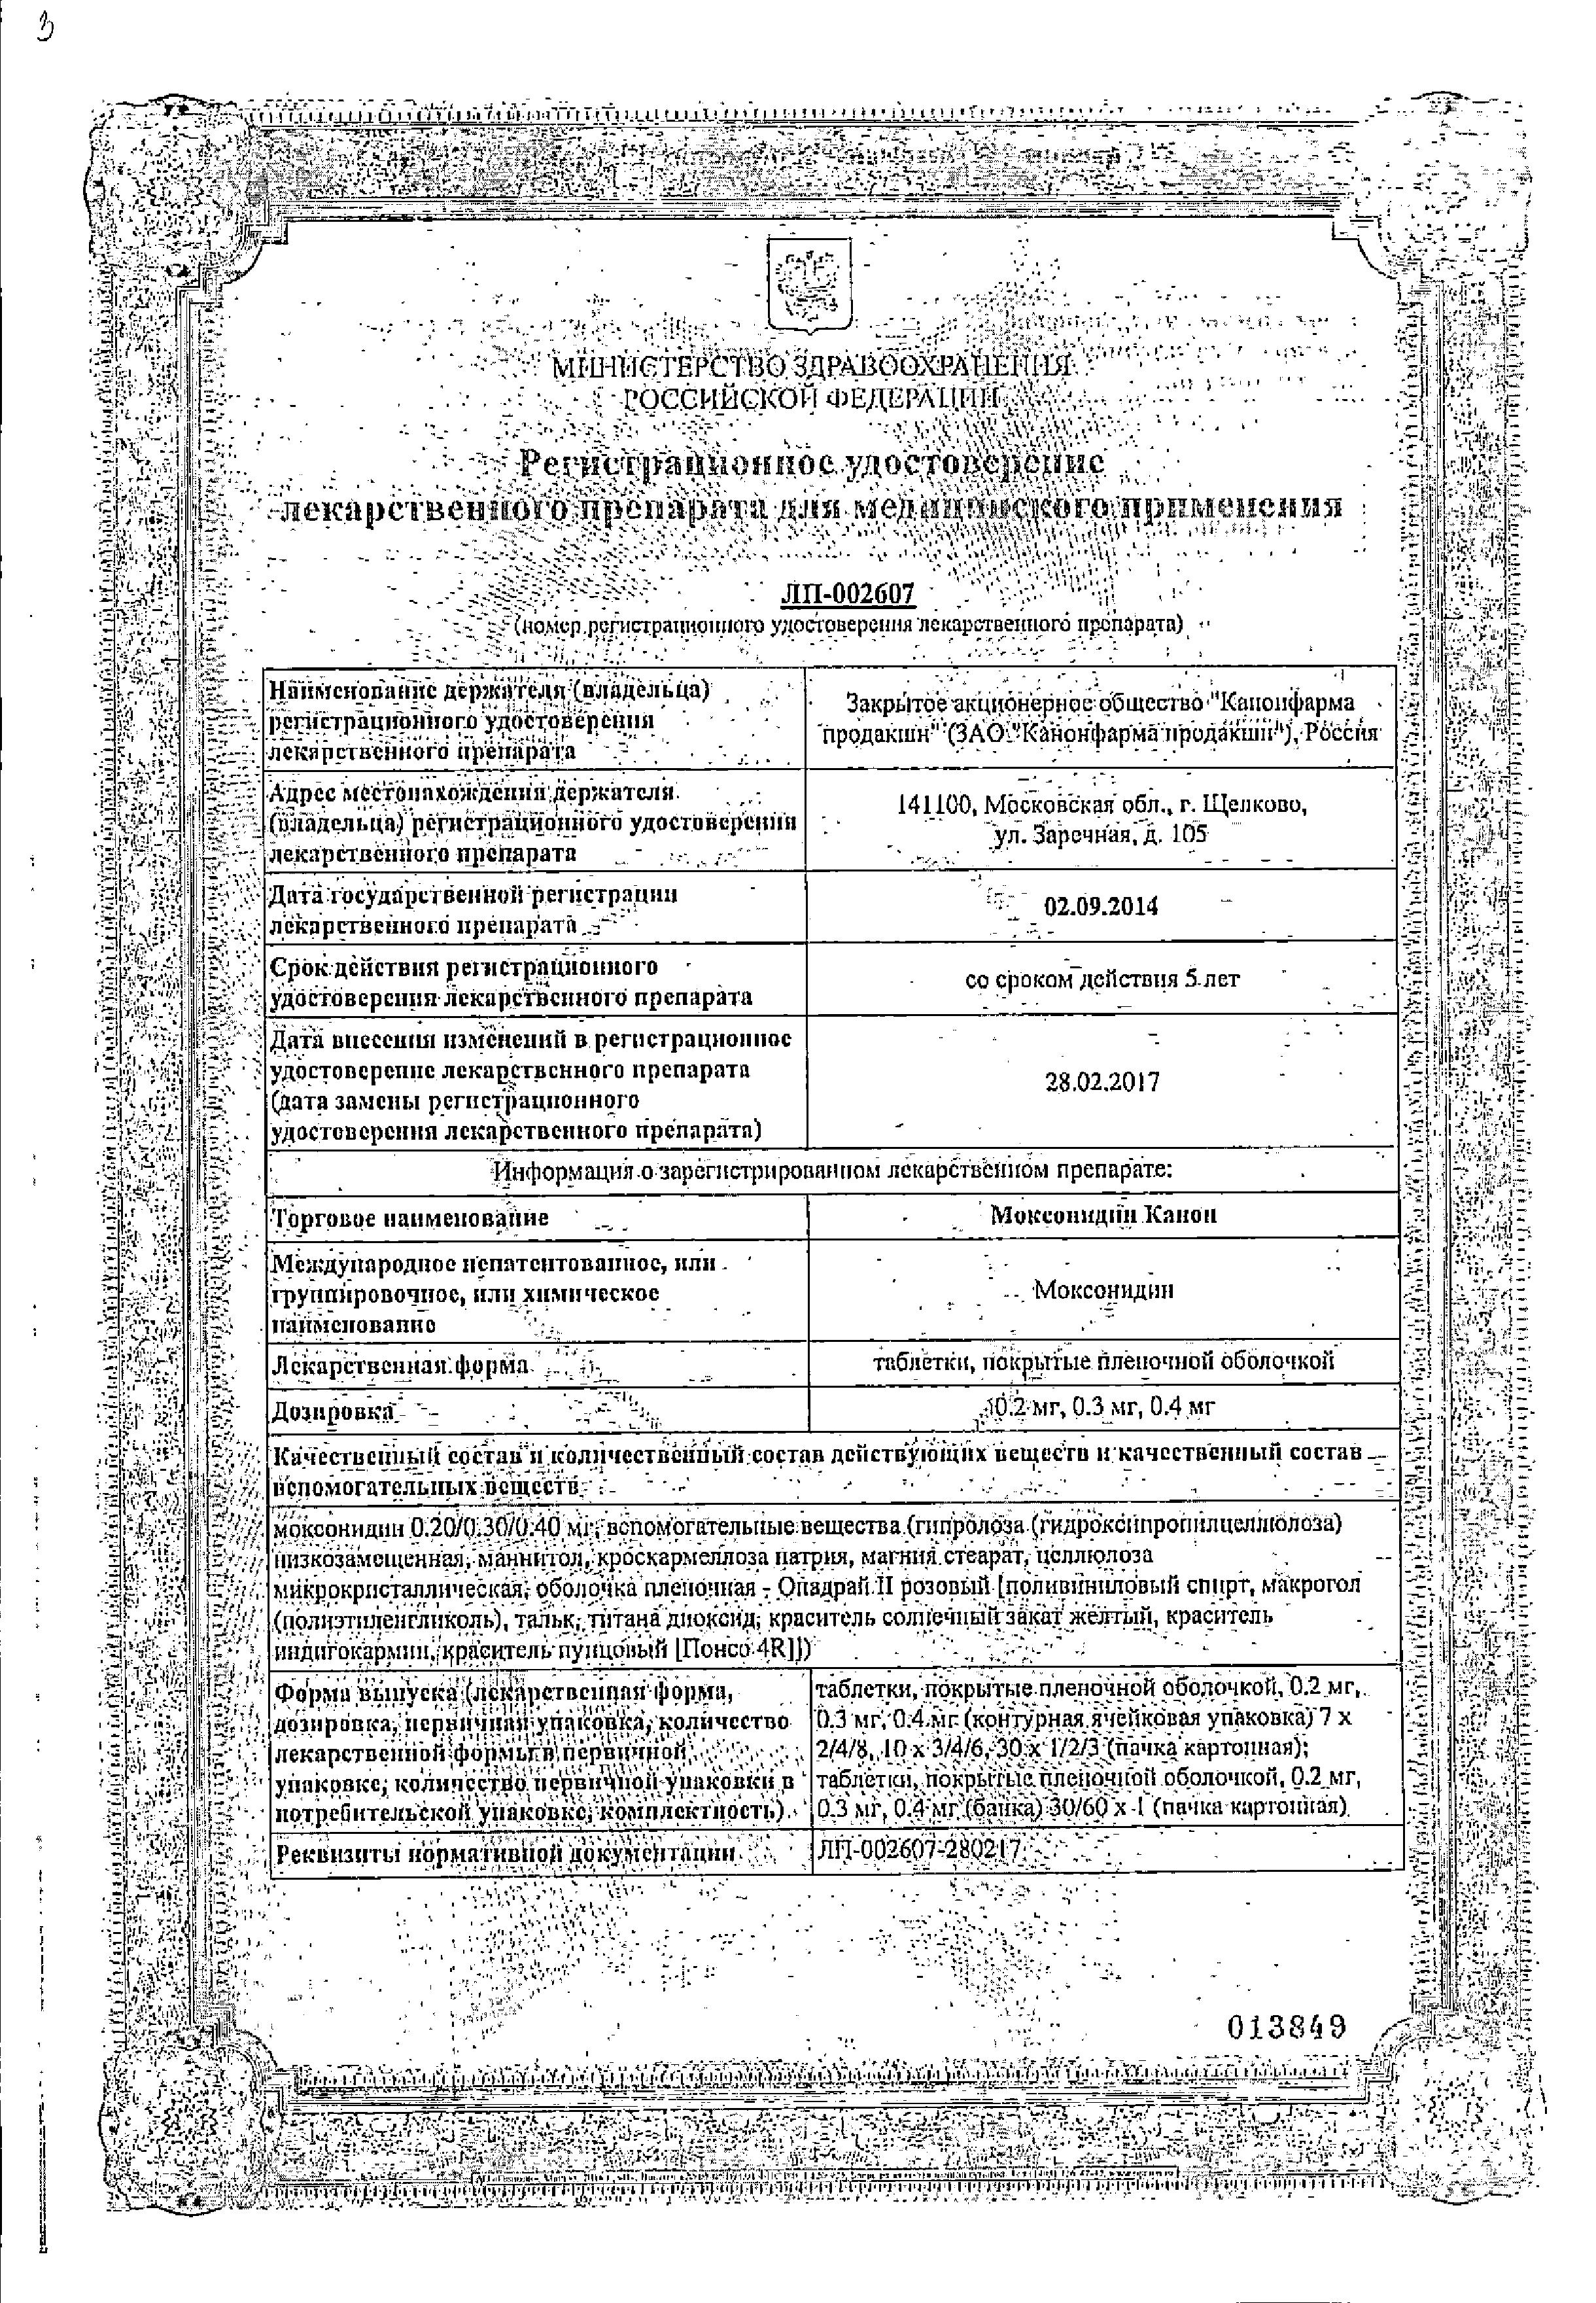 Моксонидин Канон сертификат